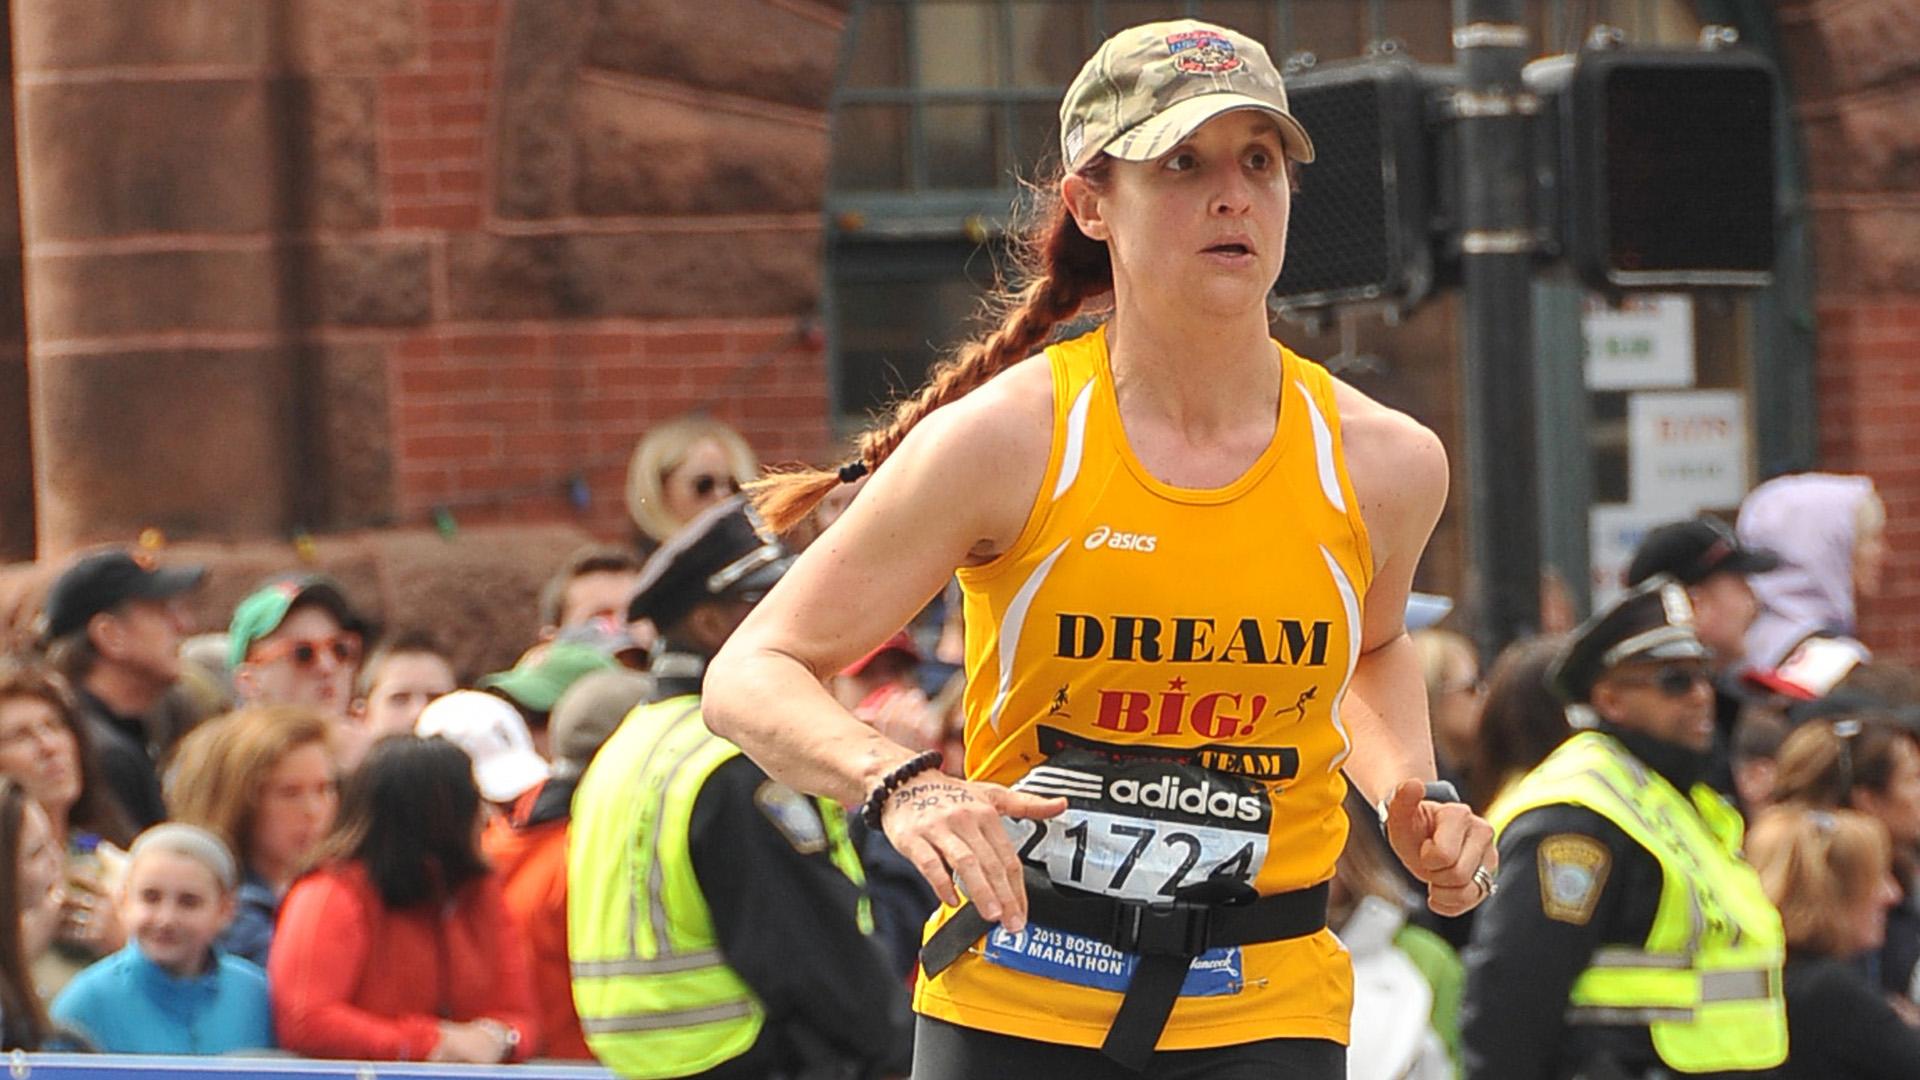 Demi Clark-running-041414-Clark photo-FTR.jpg